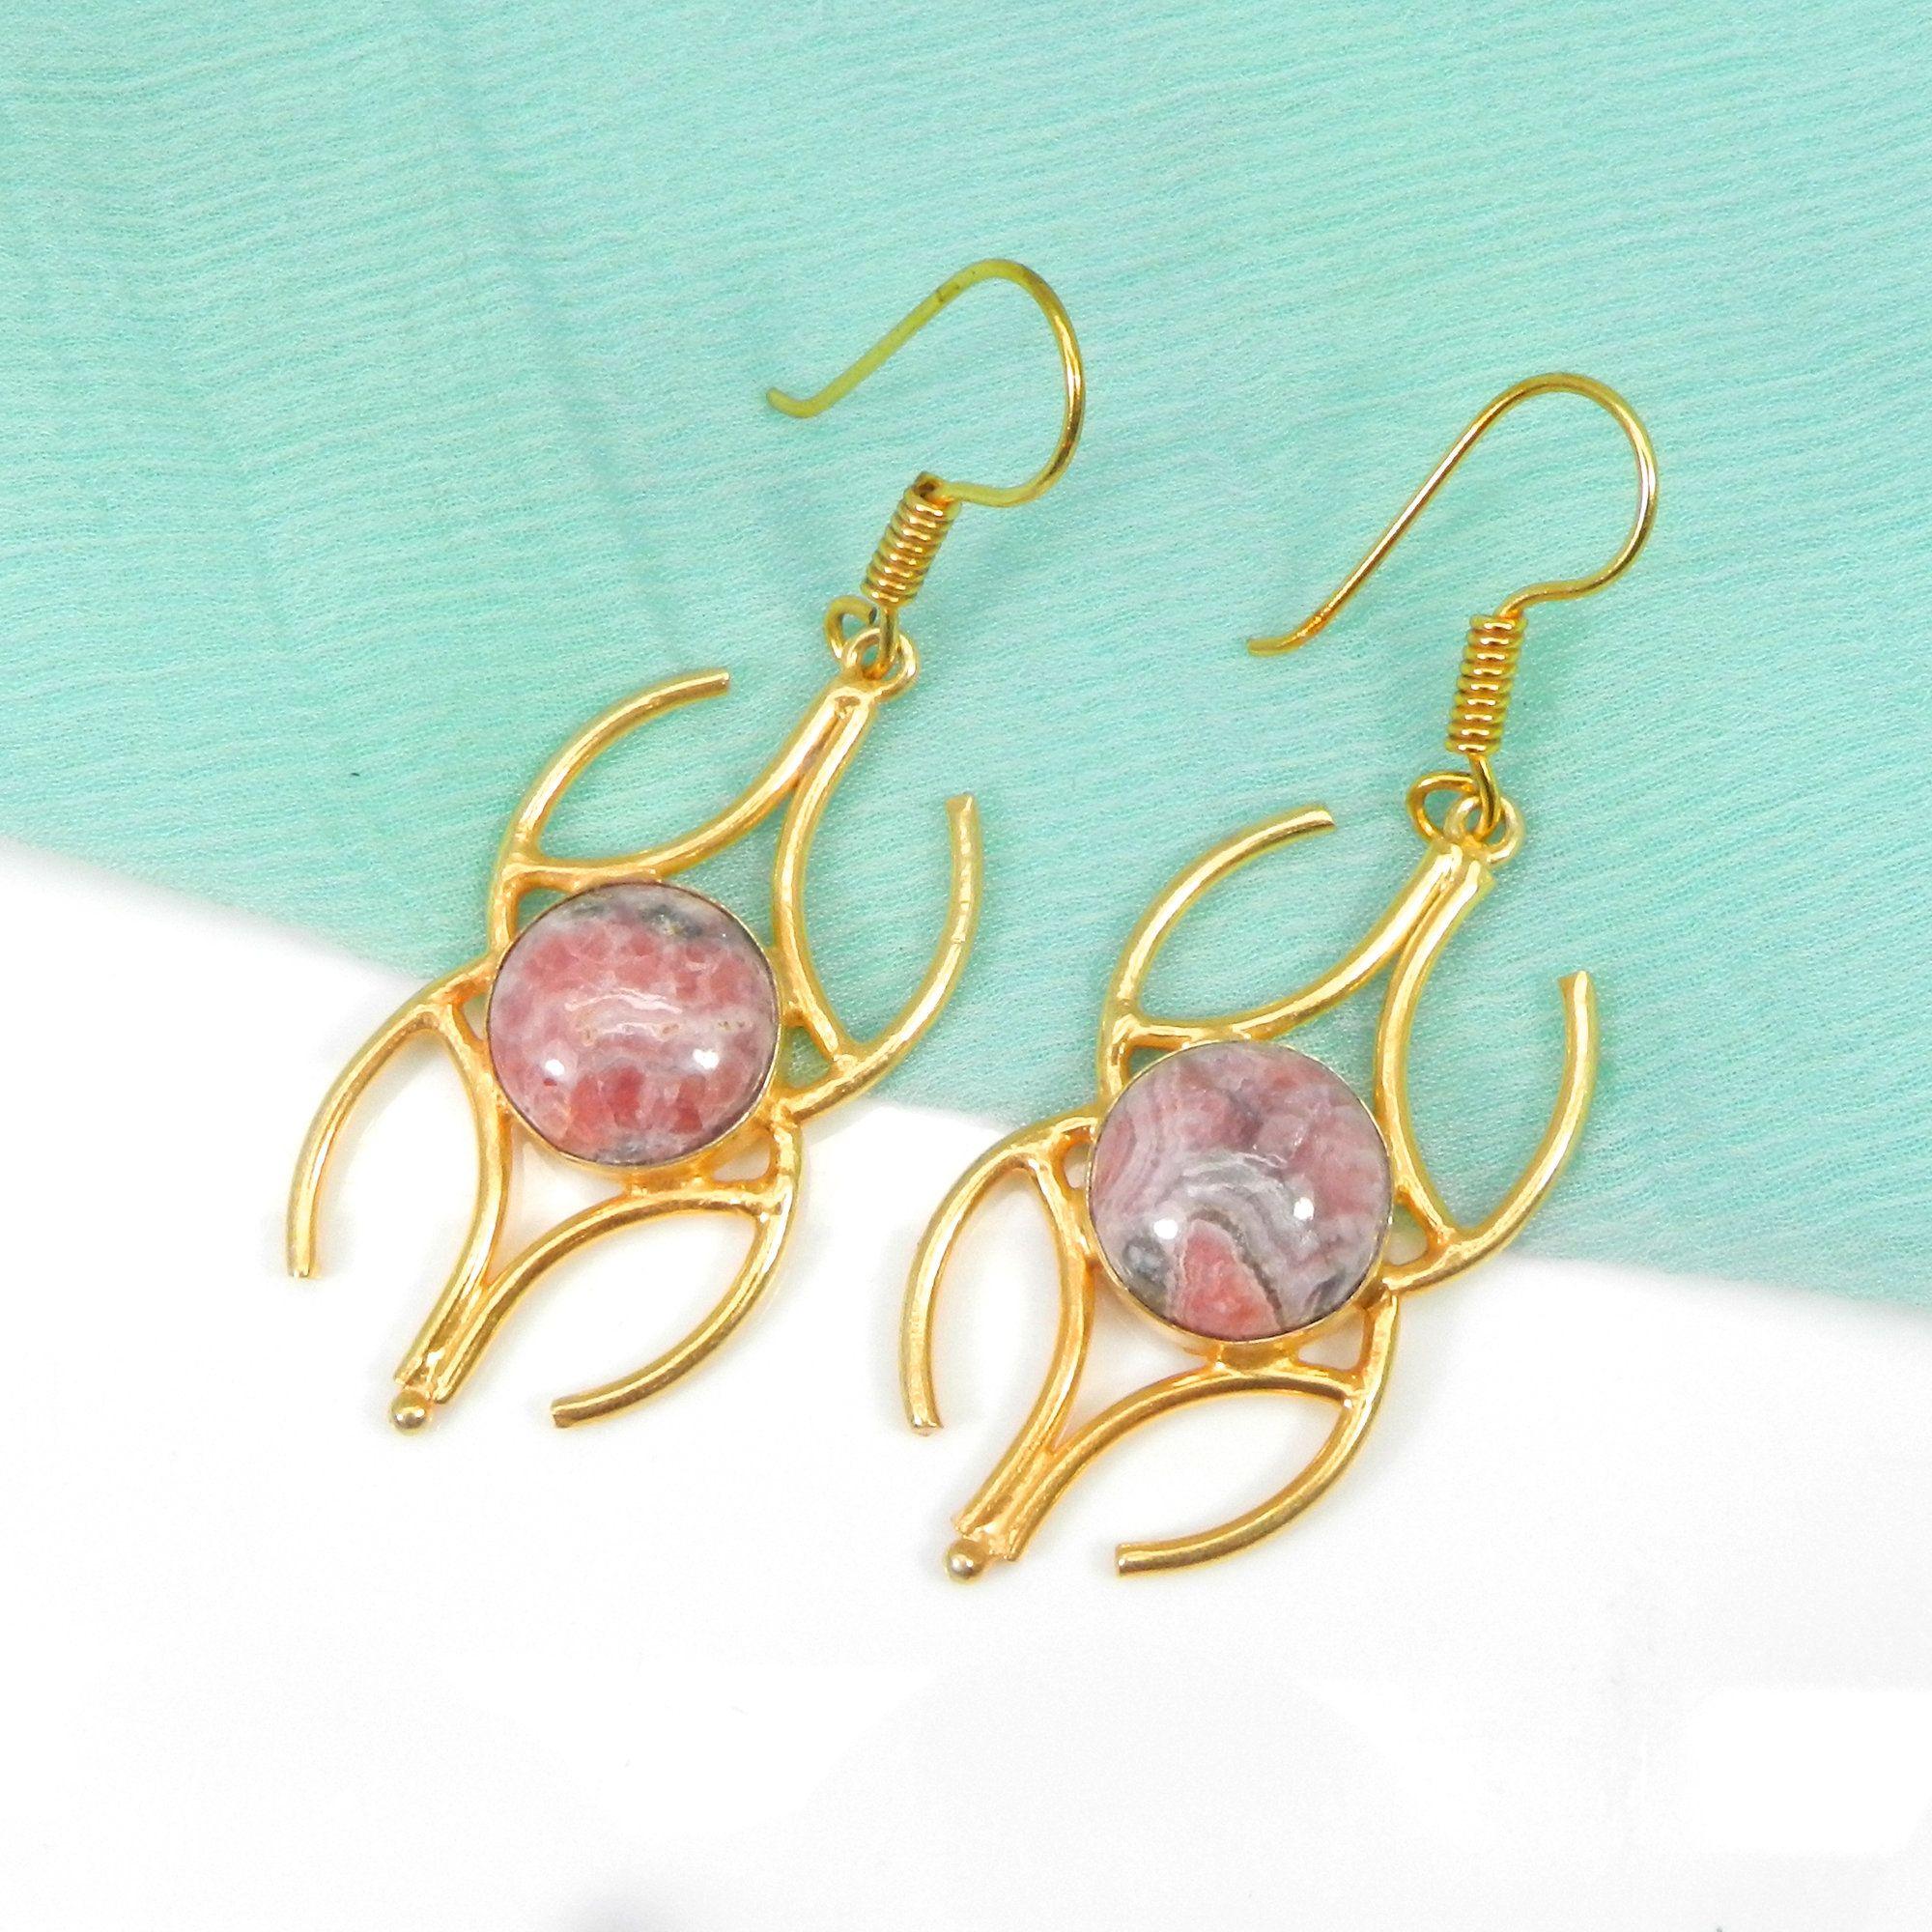 Gift for Her Rhodochrosite Teardrop Earrings Rhodochrosite Gemstone Earrings Rhodochrosite Wire Wrapped Earrings